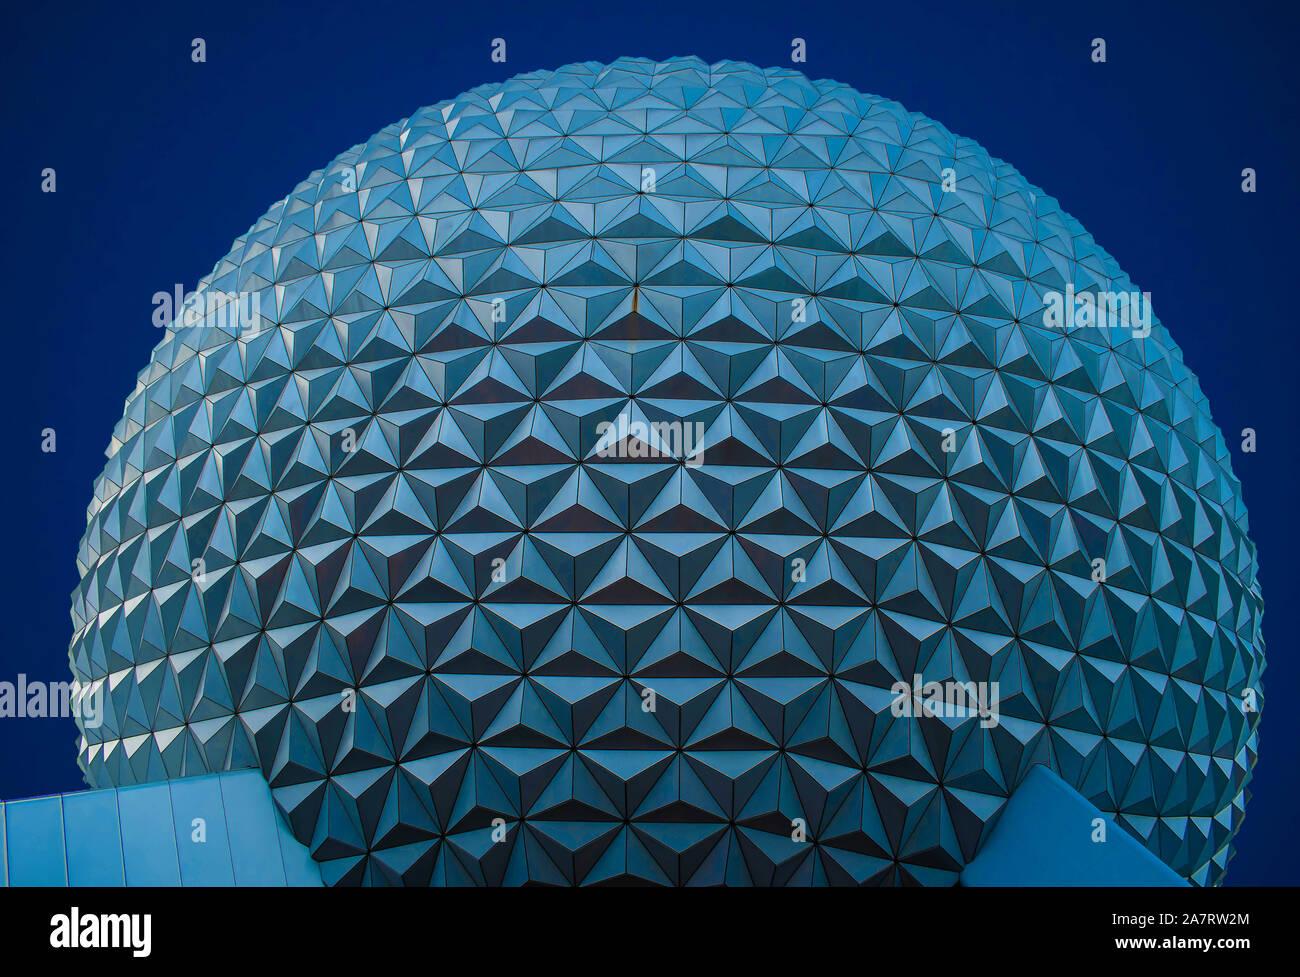 Orlando, Florida. Noviembre 01, 2019. Vista superior de la esfera en color azul noche en Epcot de fondo (77). Foto de stock